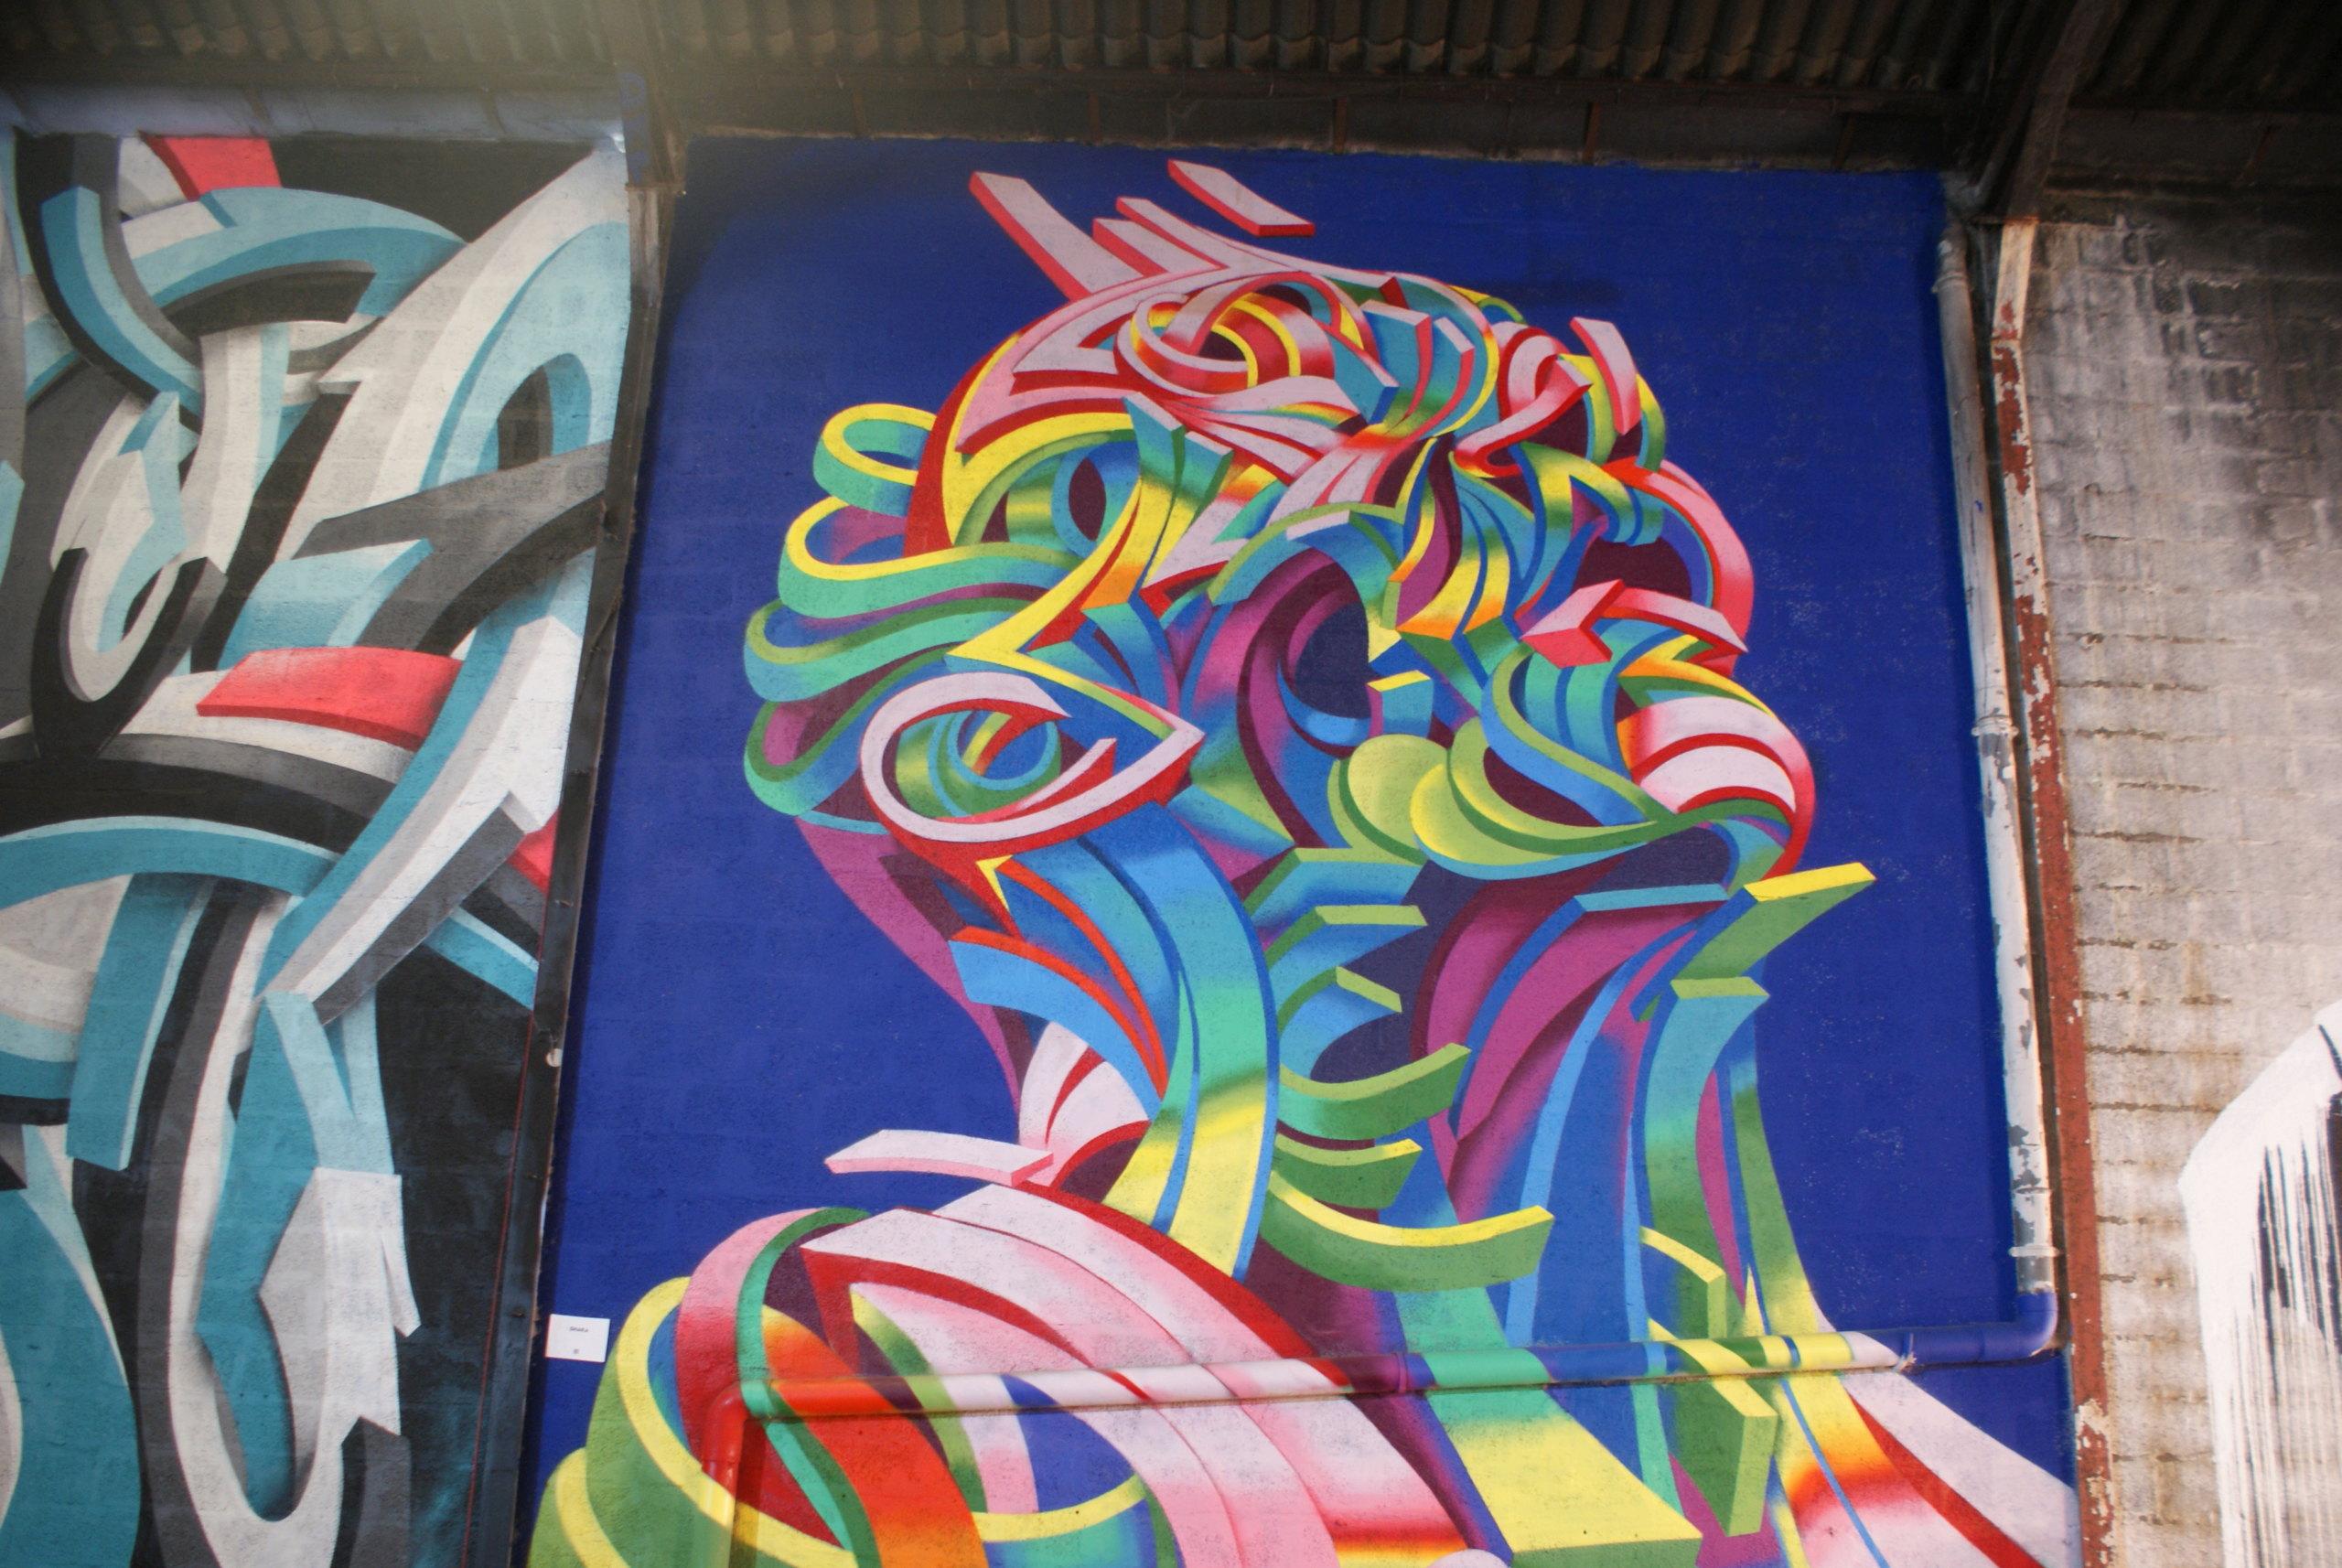 [street art-rue et manifs] Peinture fraîche, à Lyon 2019 et 2020 - Page 3 Dsc05126